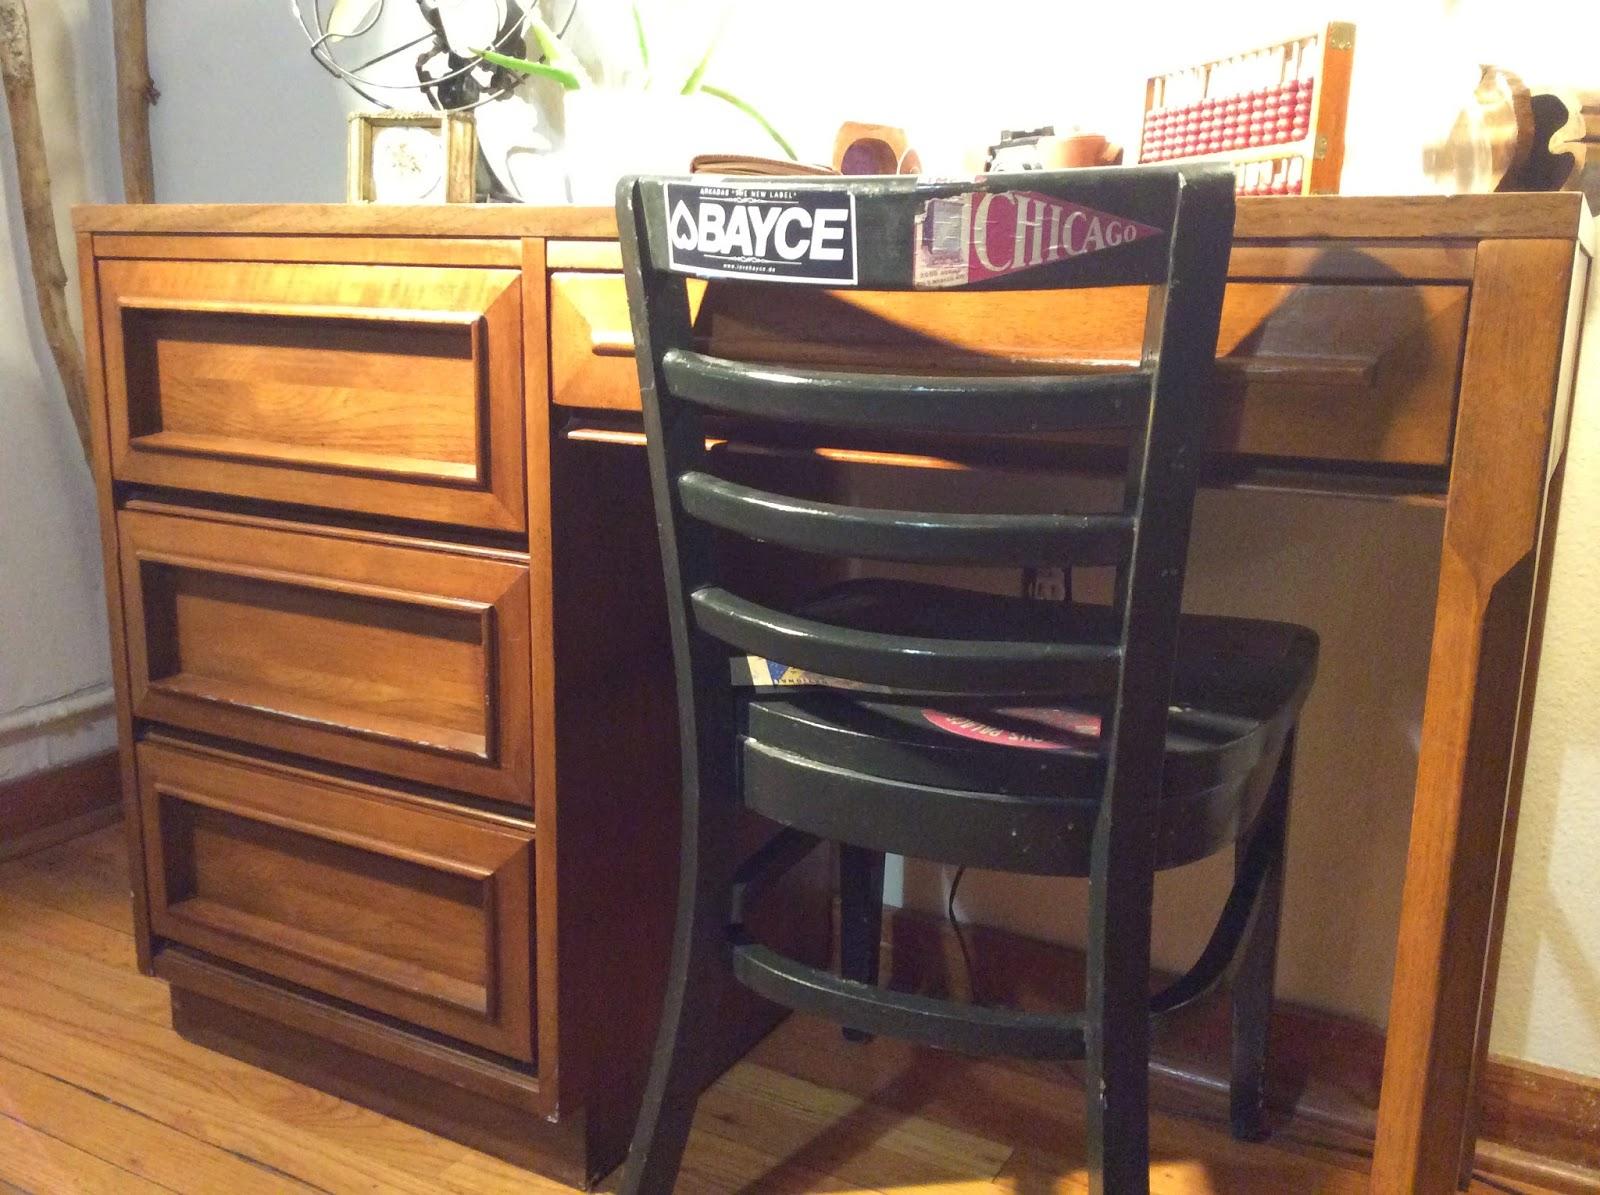 Grand Rapids Bentarm Slatted Morris Chair | California ...  |Morris California Furniture